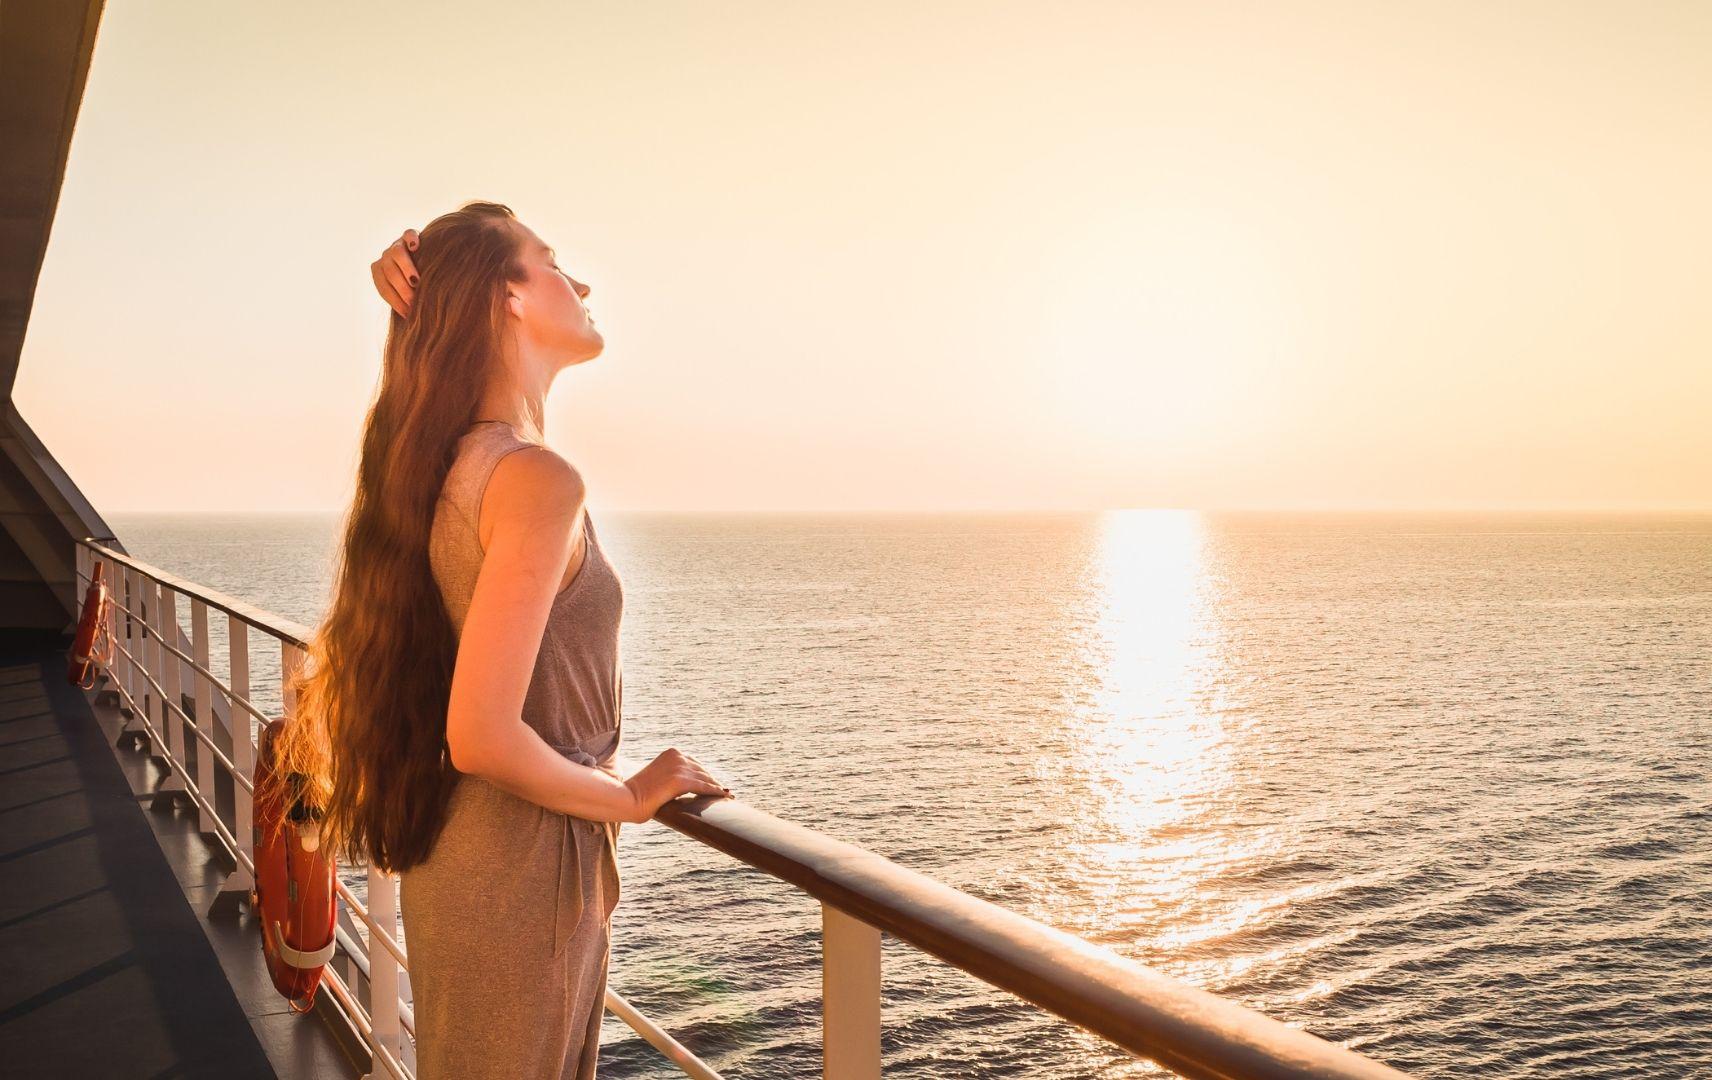 Frau auf Kreuzfahrtschiff an Reling